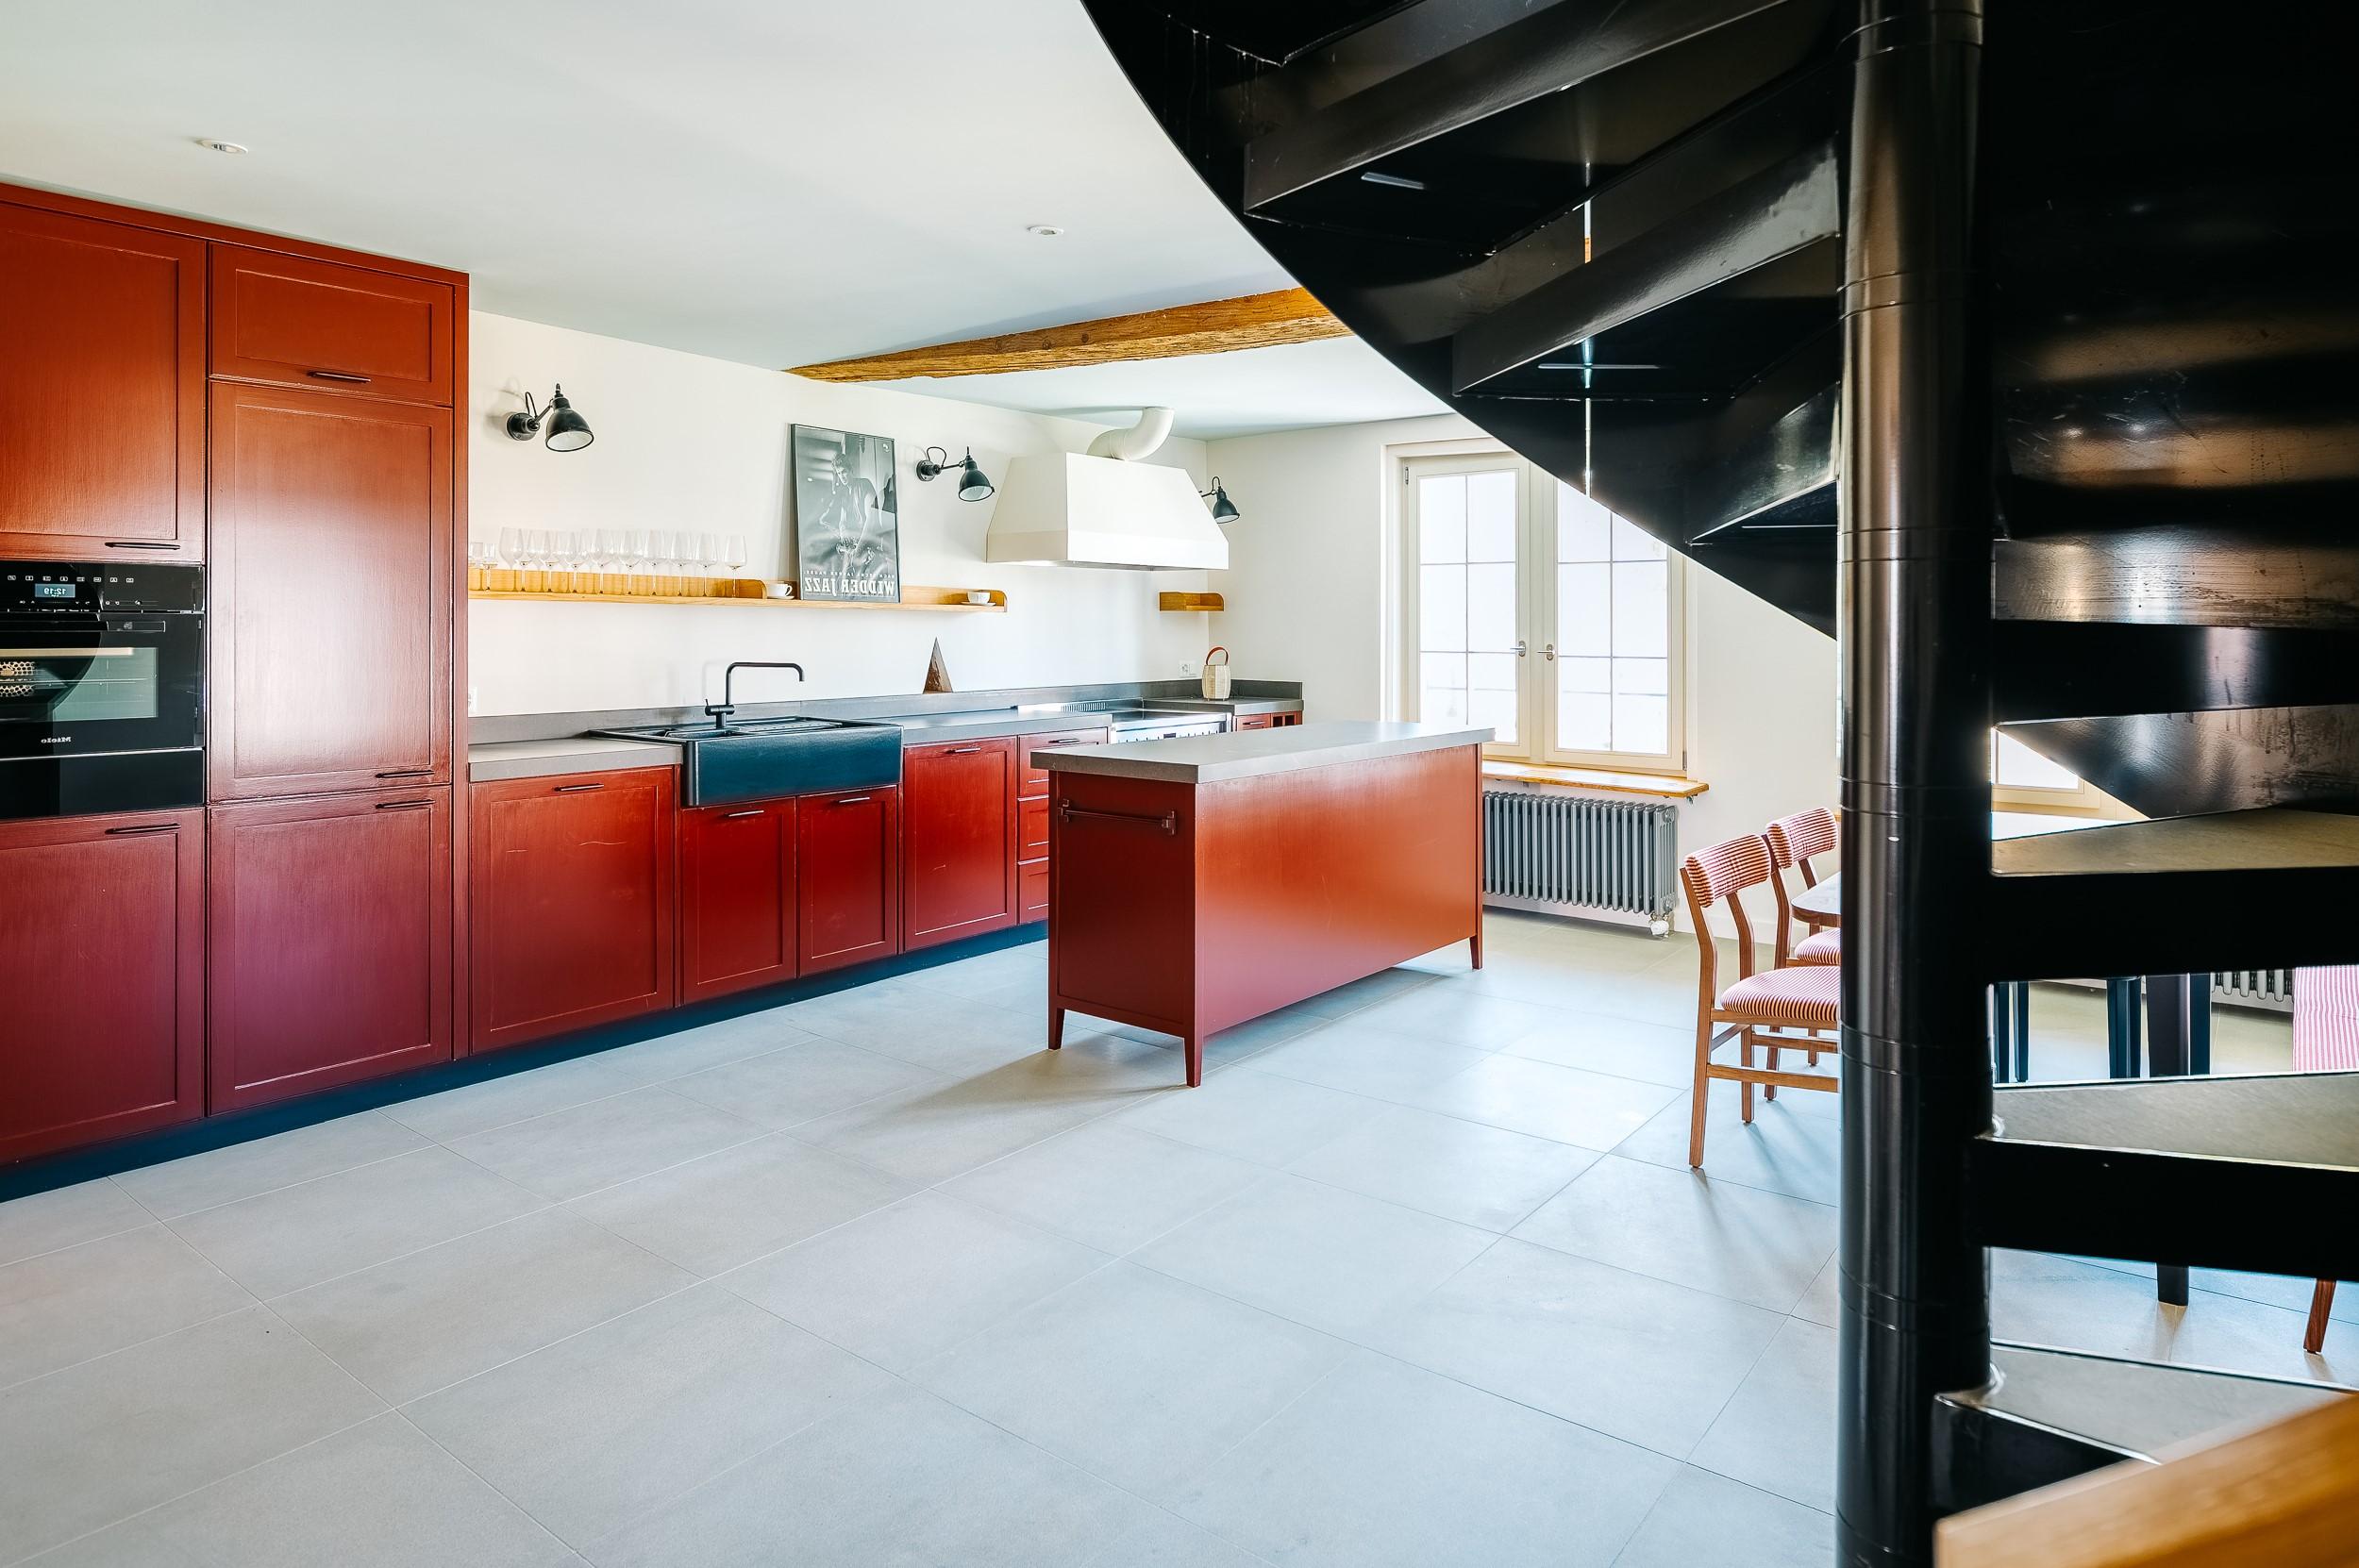 2020-04-06-storchen-apartments-9